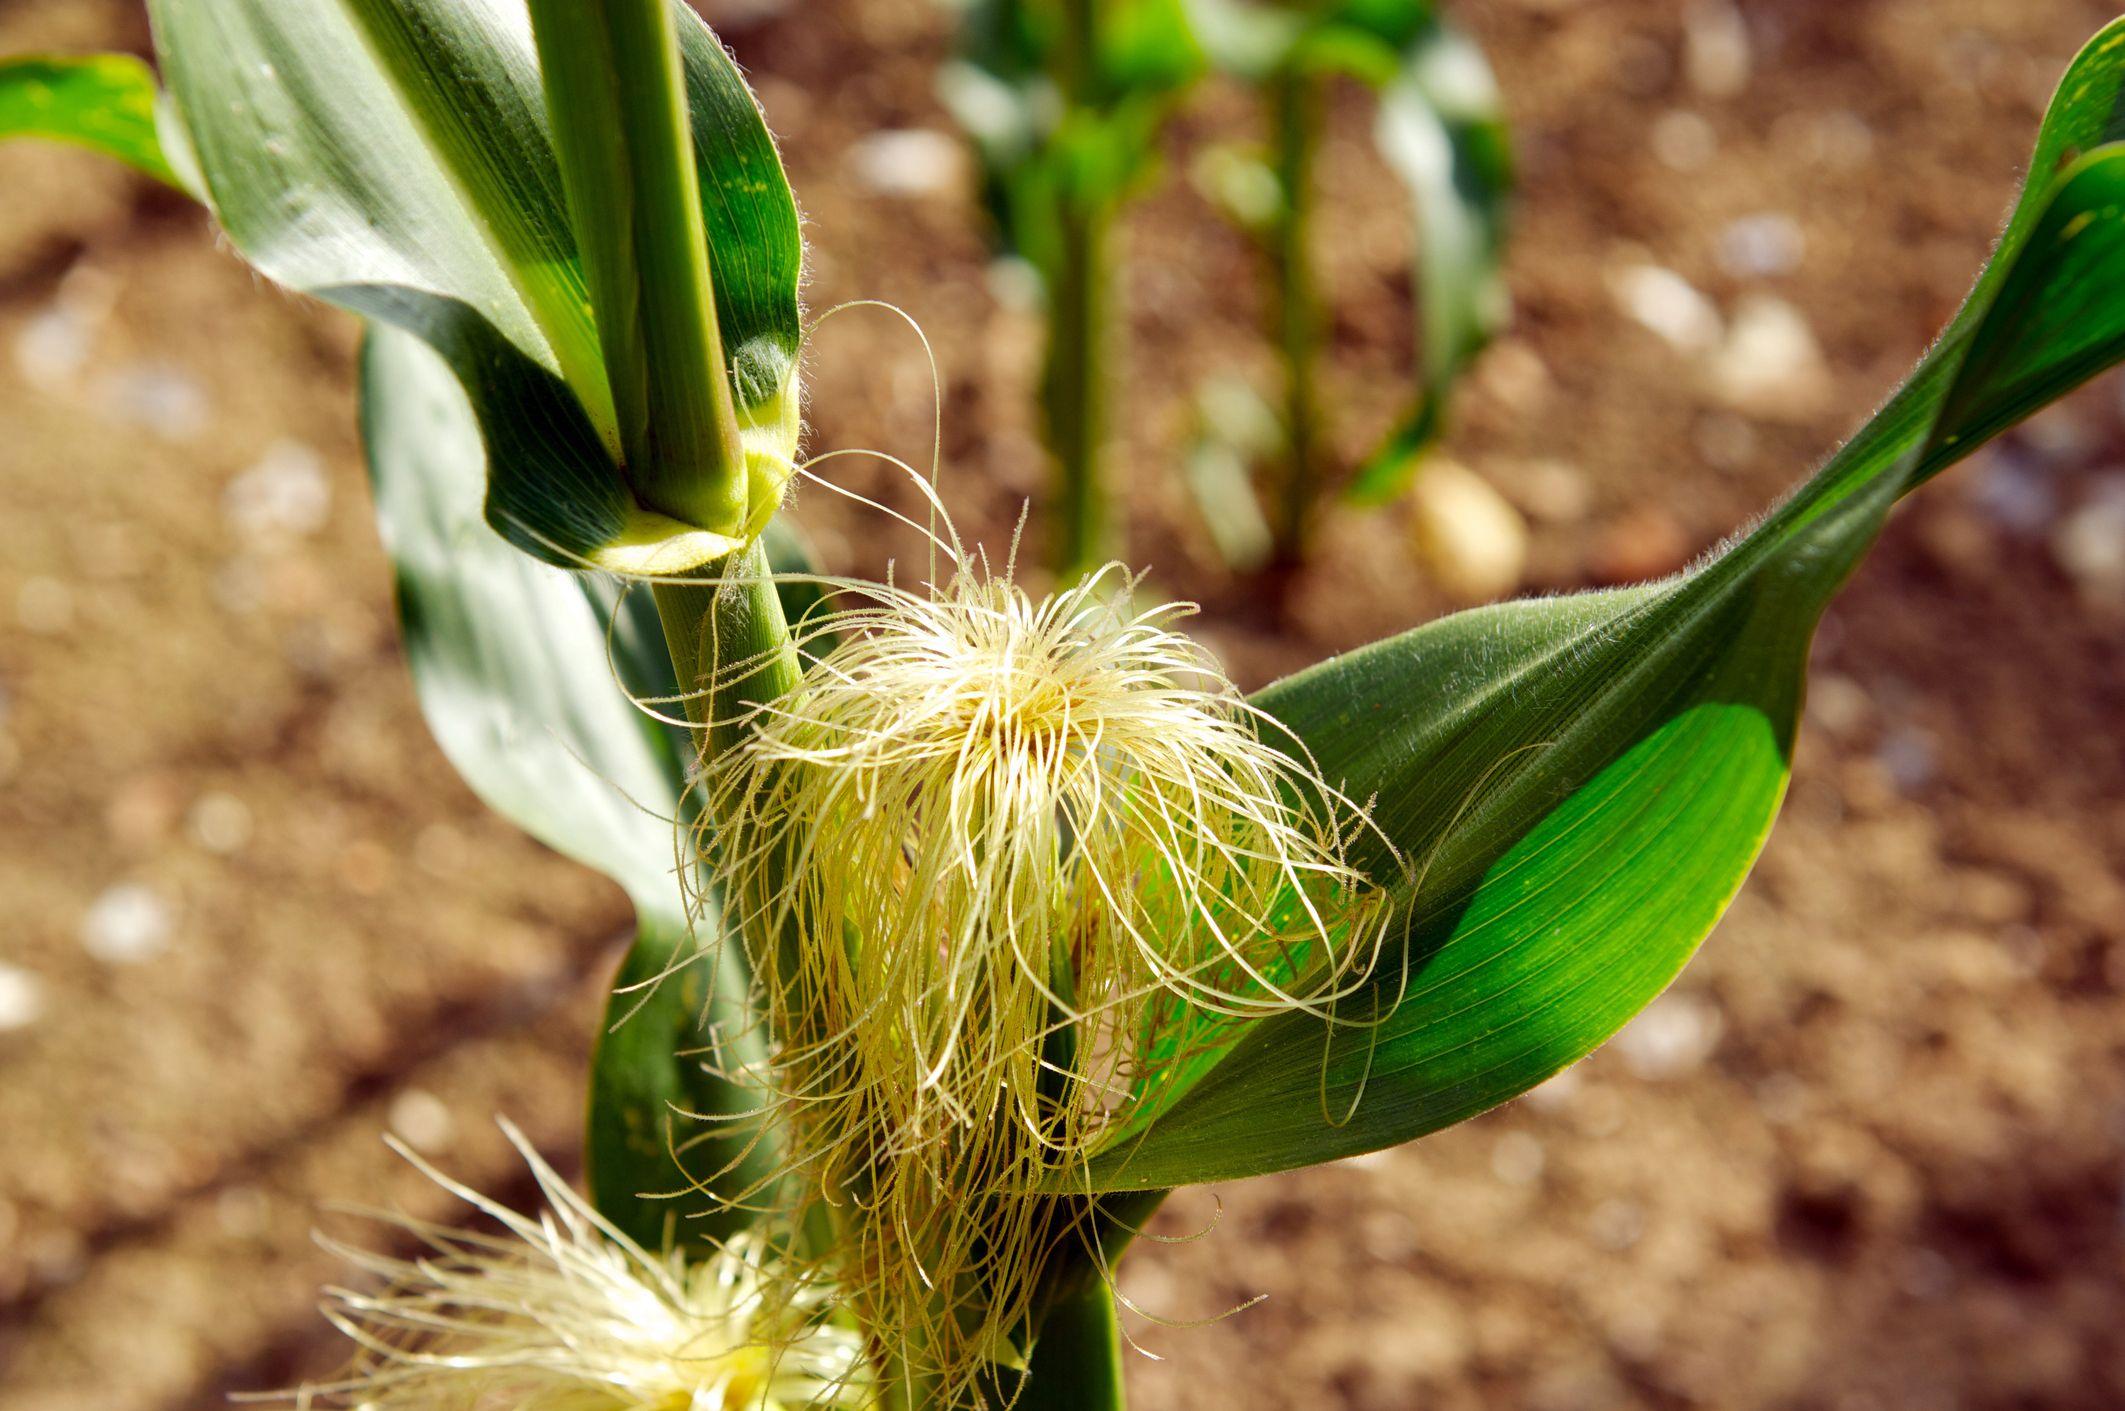 Barba de maíz